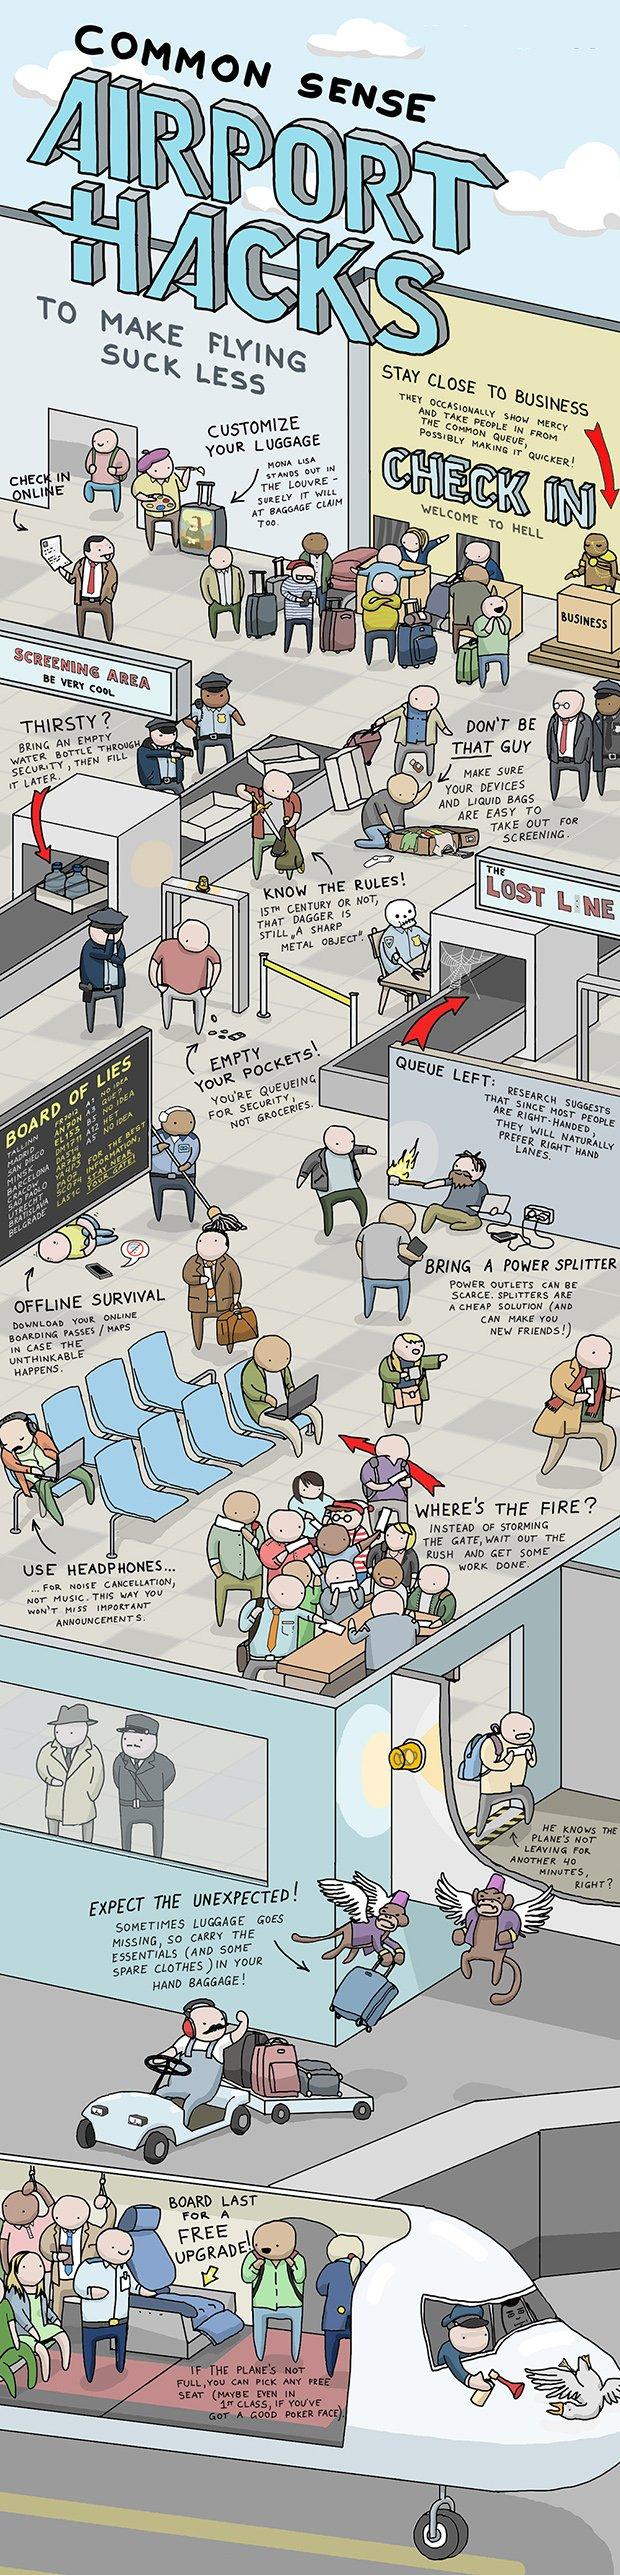 48 Airport Hacks